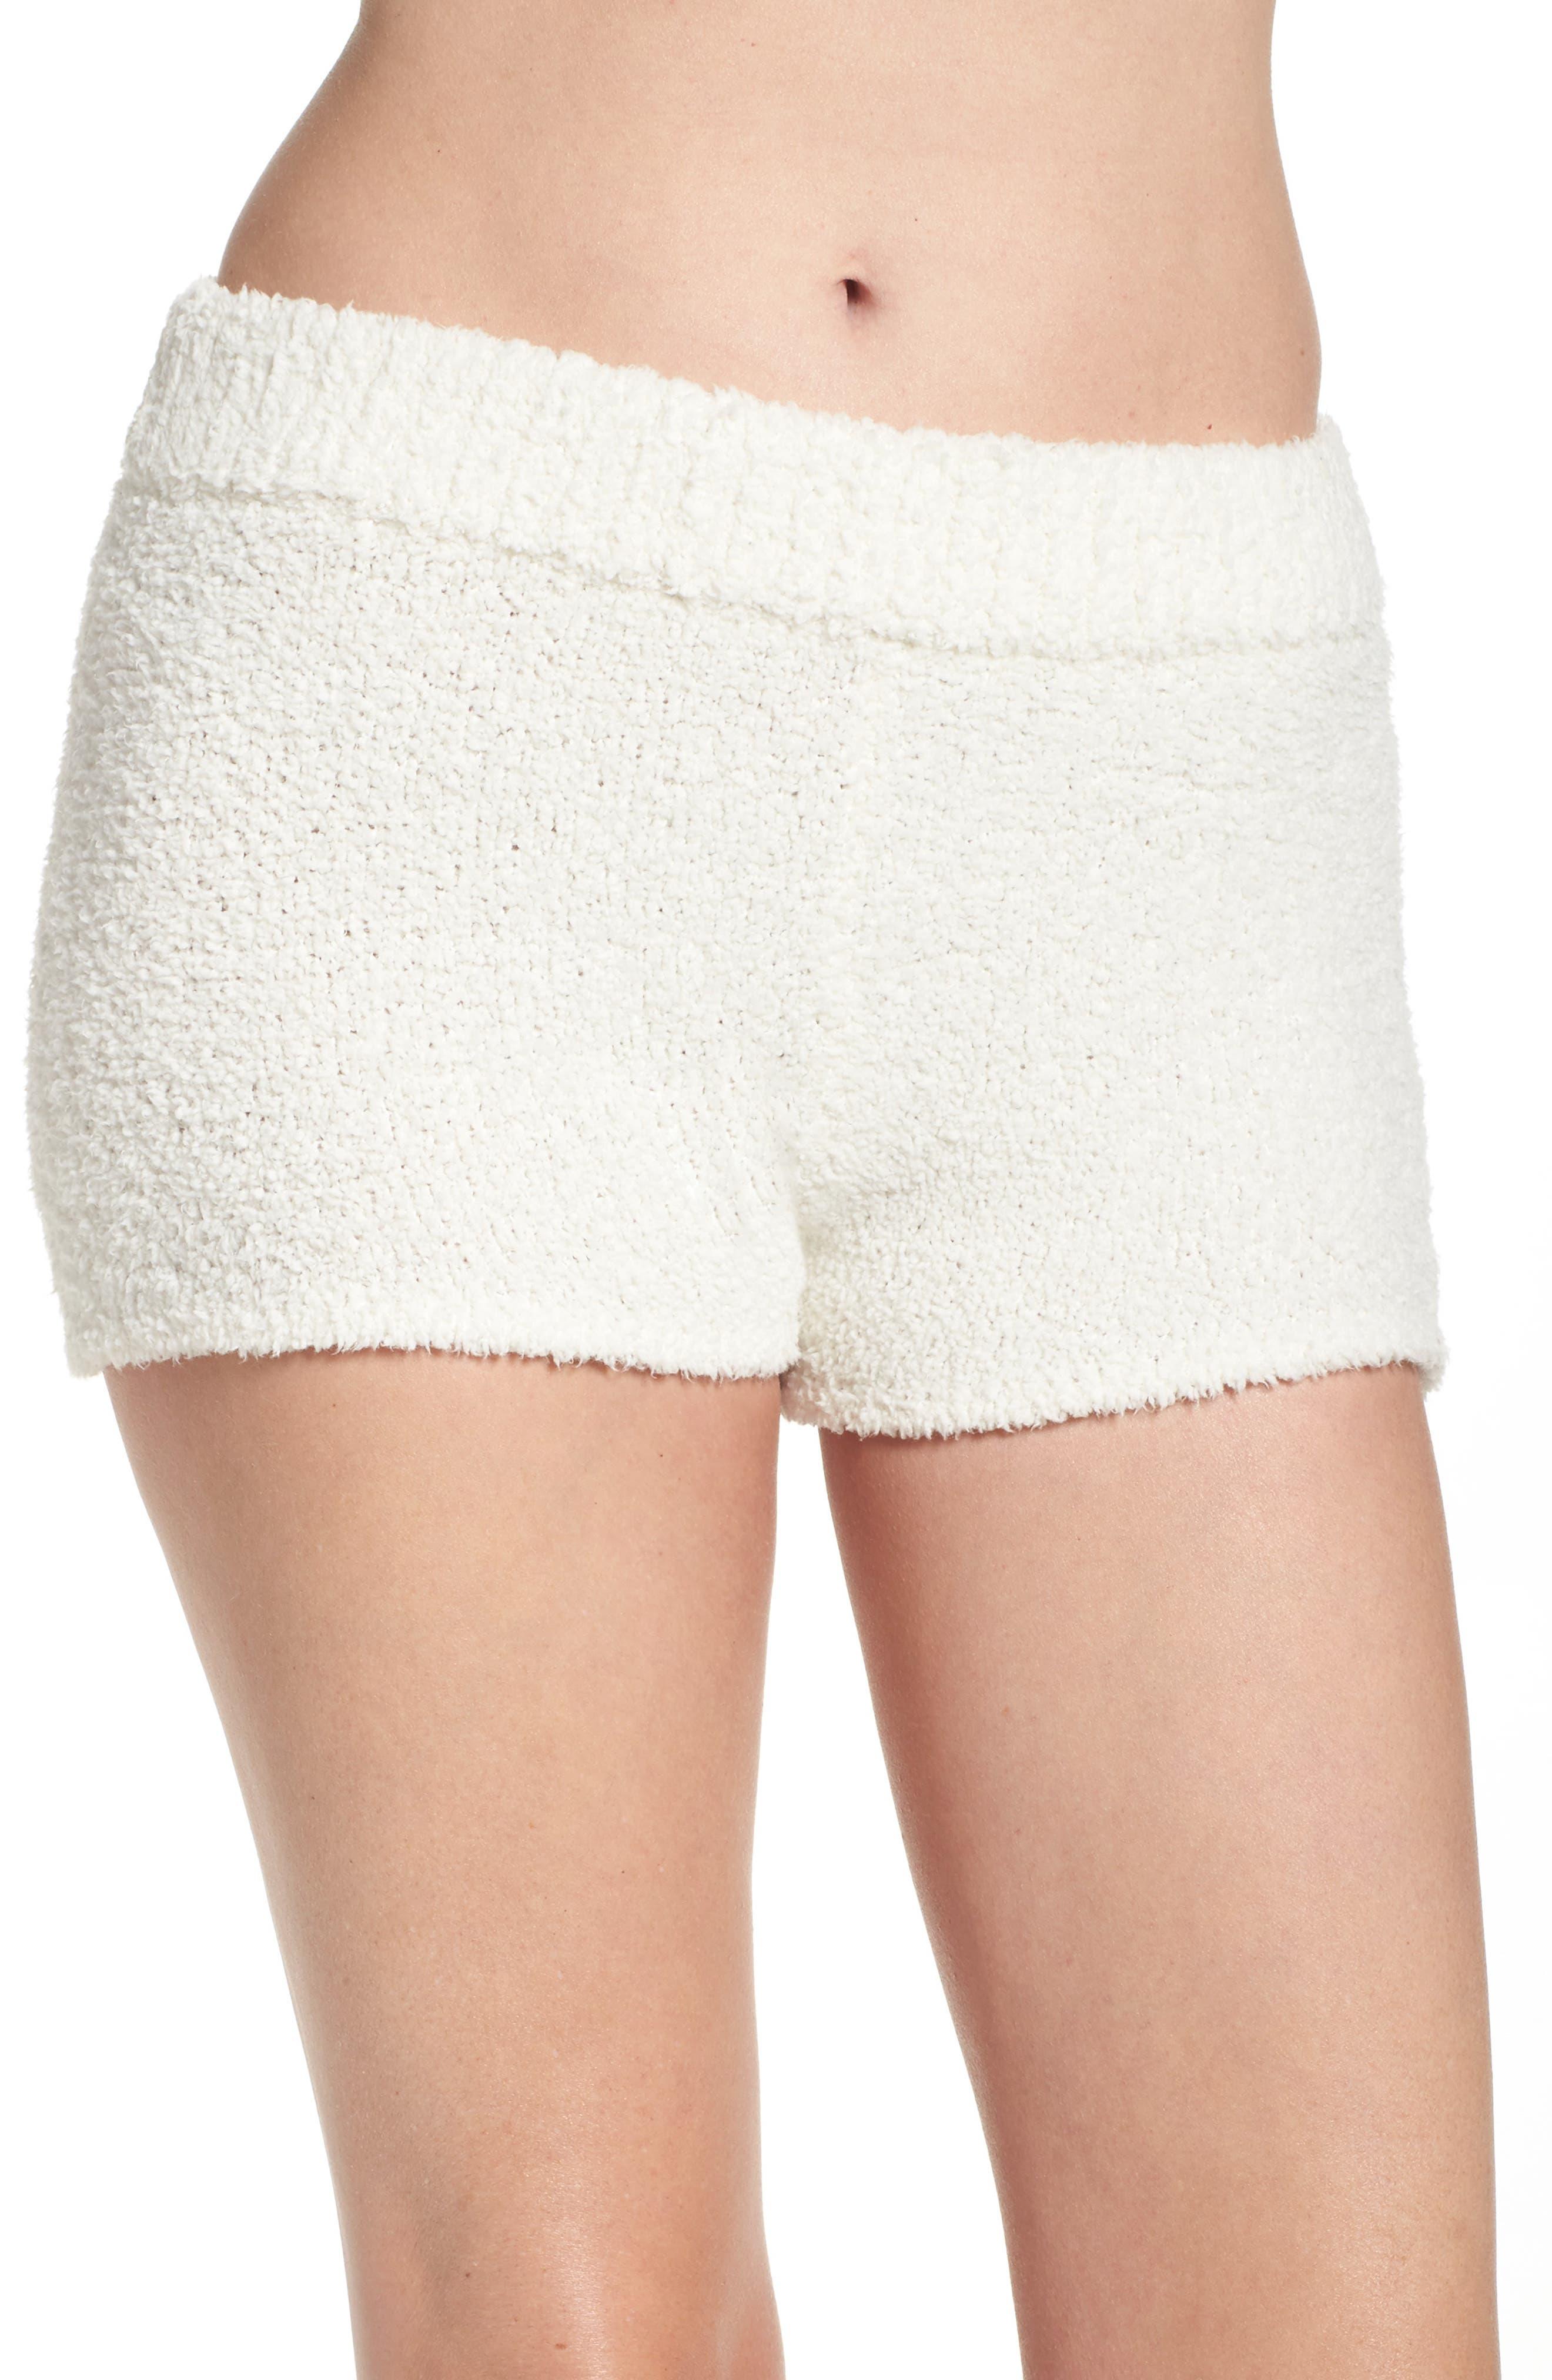 Sweater Knit Pajama Shorts,                             Main thumbnail 1, color,                             Cream